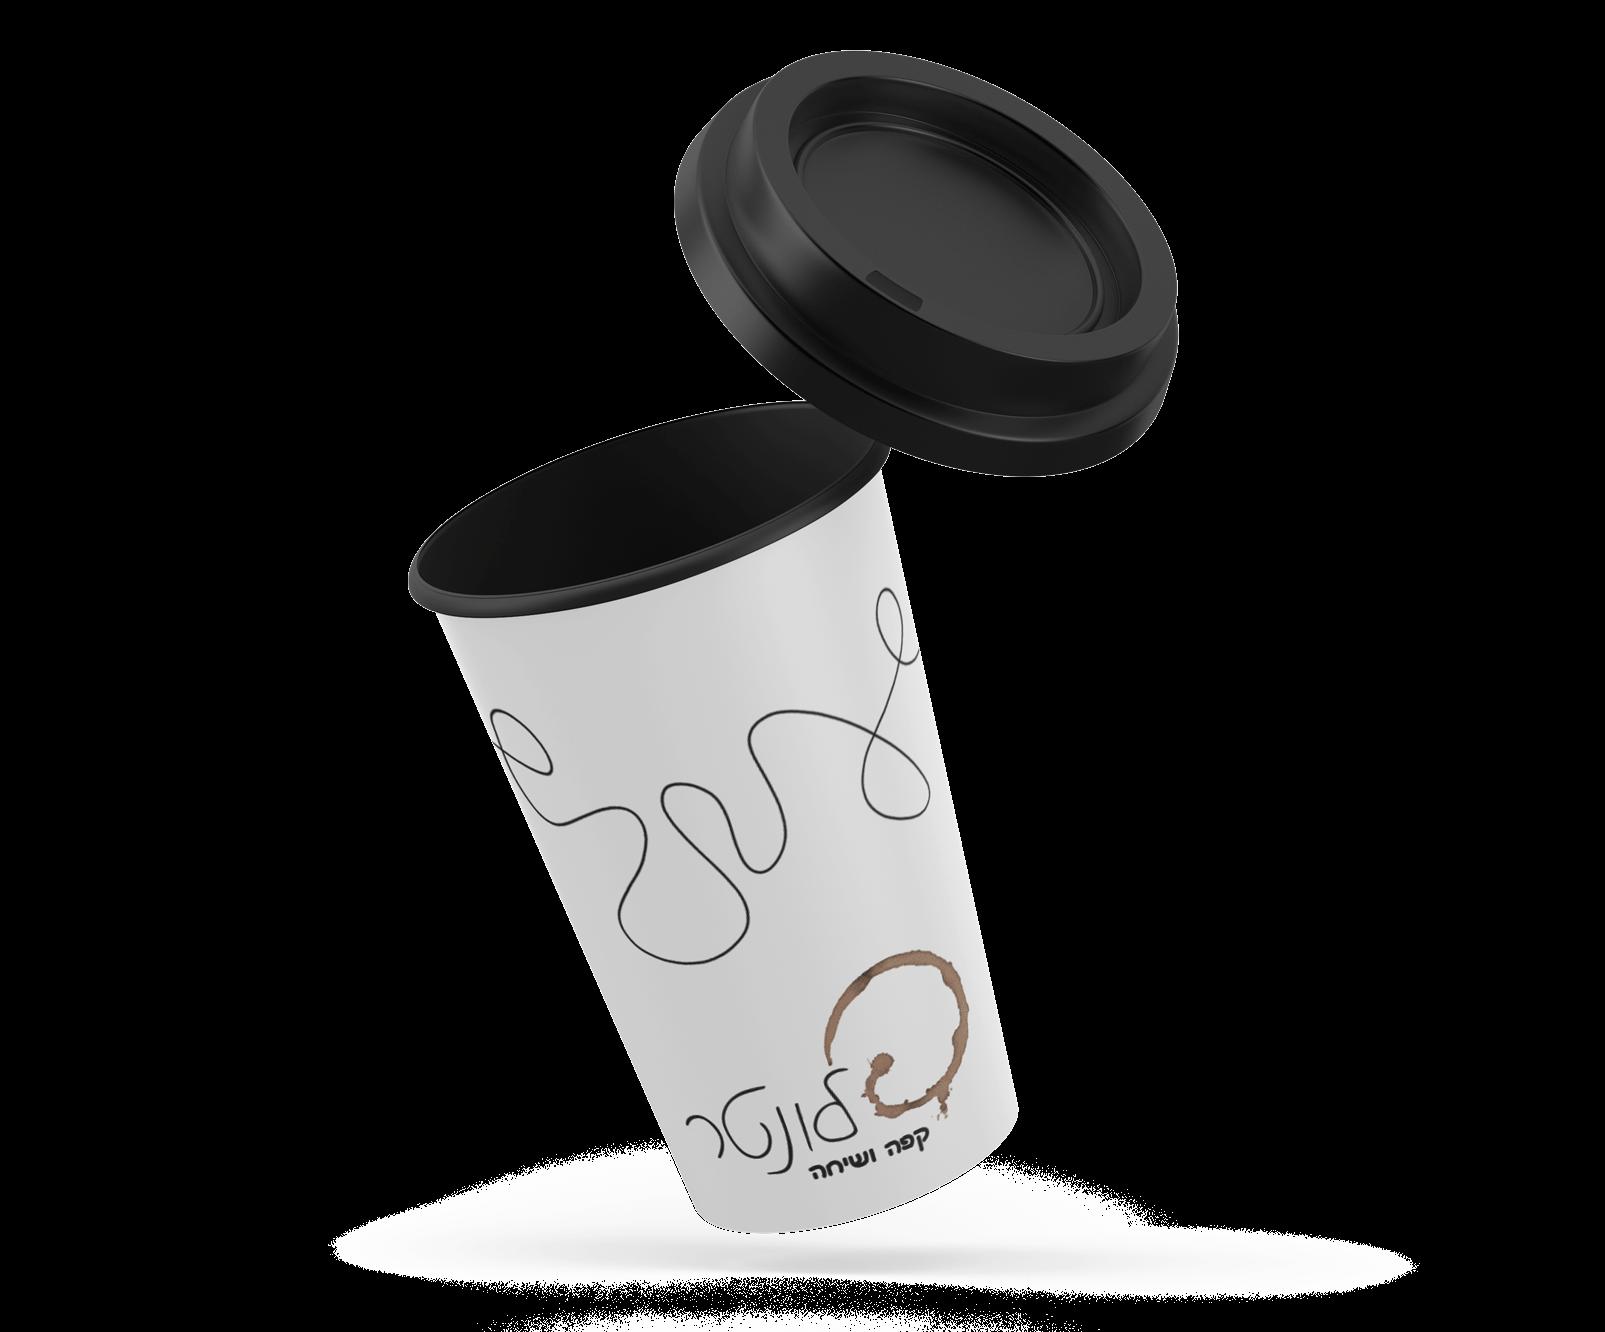 עיצוב בחינוך עיצוב גרפי פלונטר מיתוג בית קפה תיק עבודות קטיה פובזנר